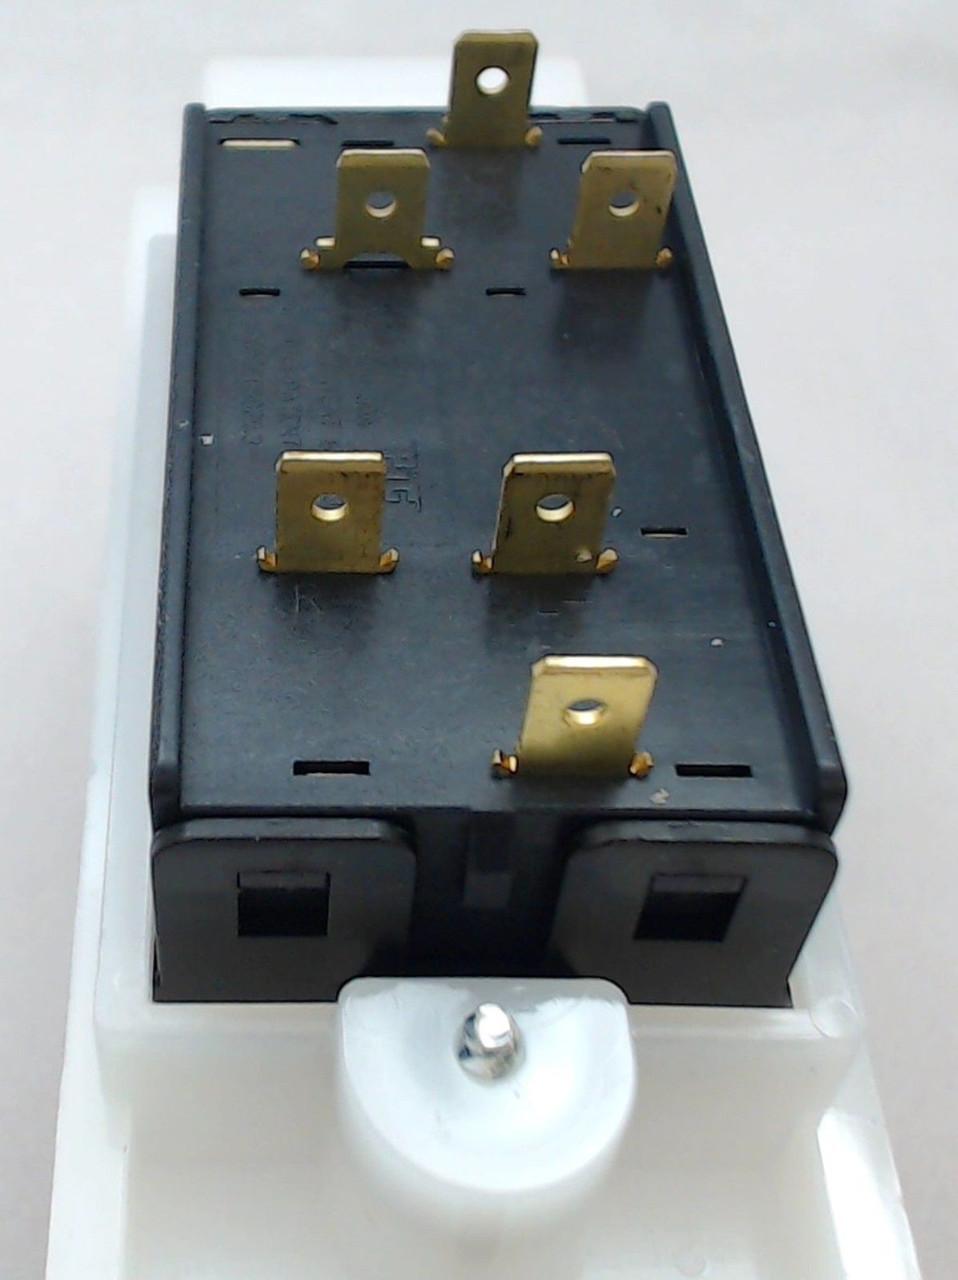 Genuine OEM Peg-Perego John Deere Power Pull Gearshift Assembly, ASGI0193NGR